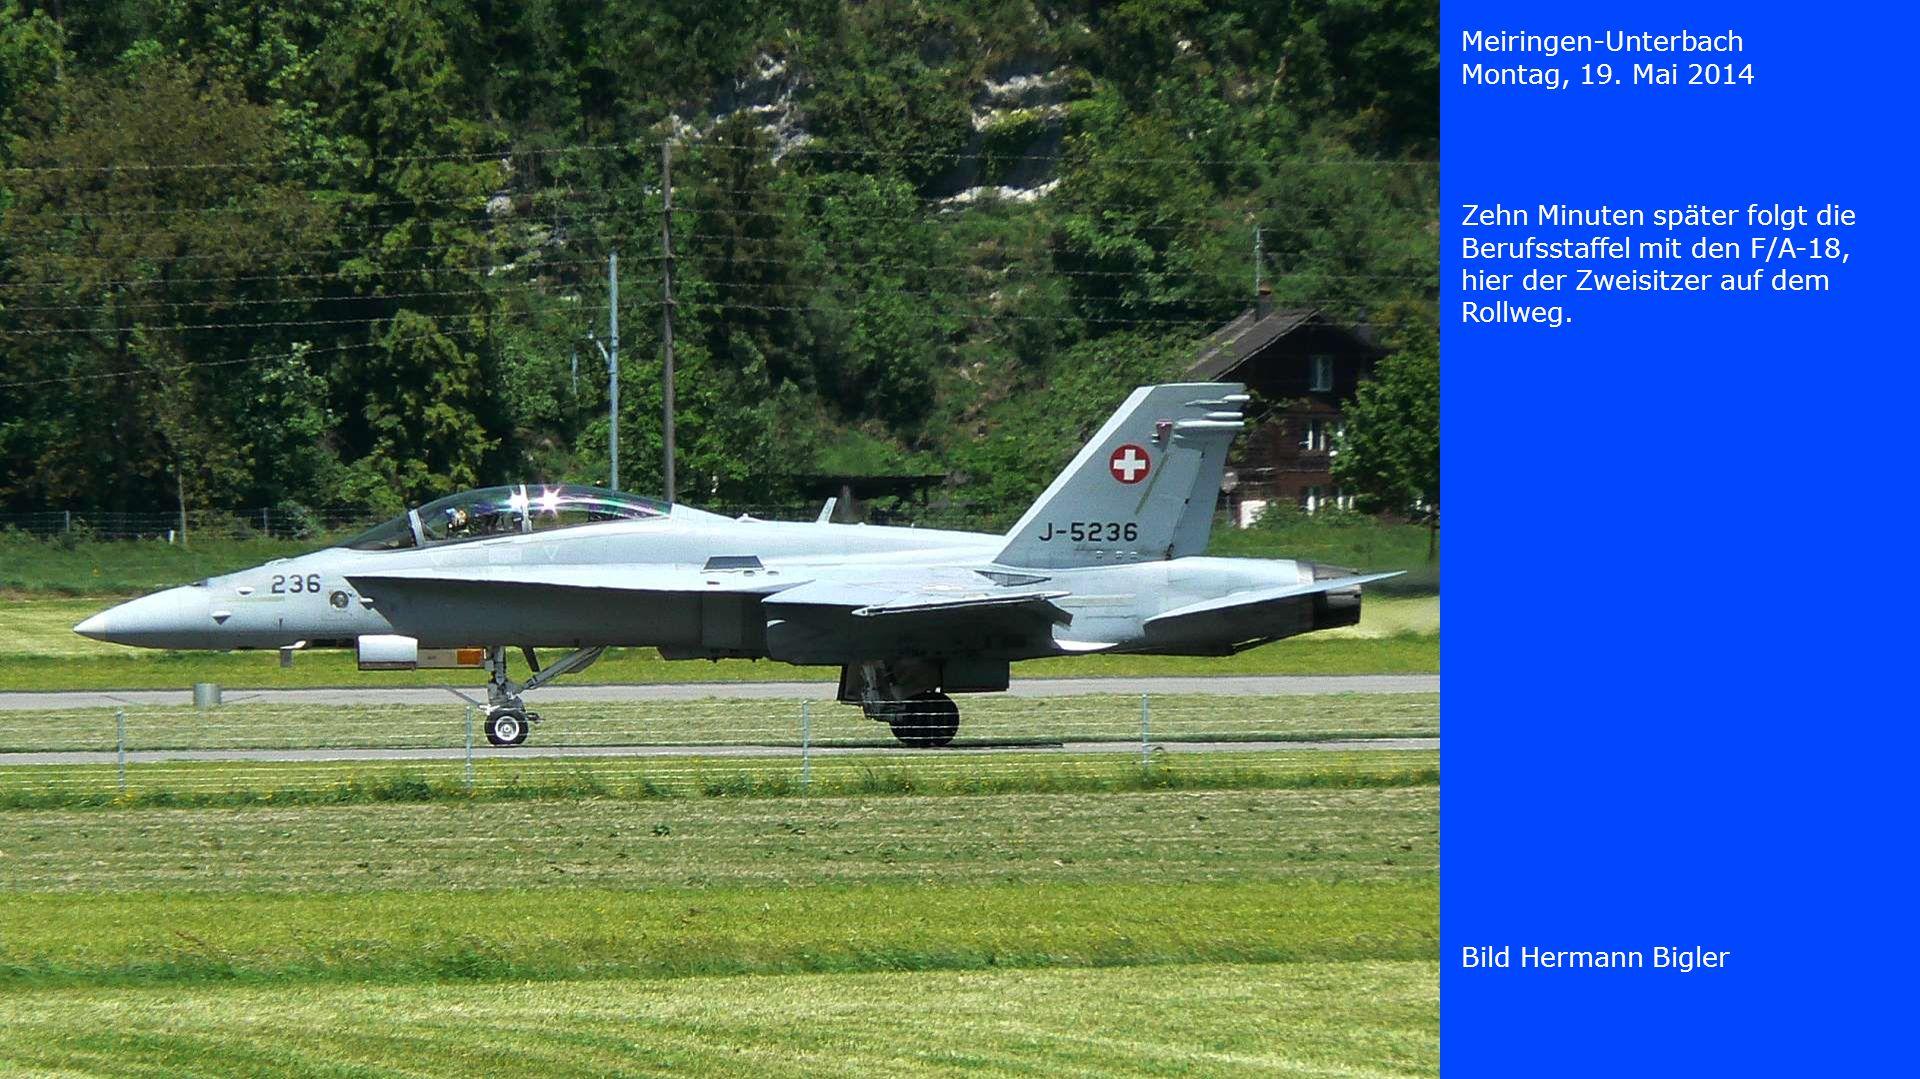 Meiringen-Unterbach Montag, 19. Mai 2014. Zehn Minuten später folgt die Berufsstaffel mit den F/A-18, hier der Zweisitzer auf dem Rollweg.